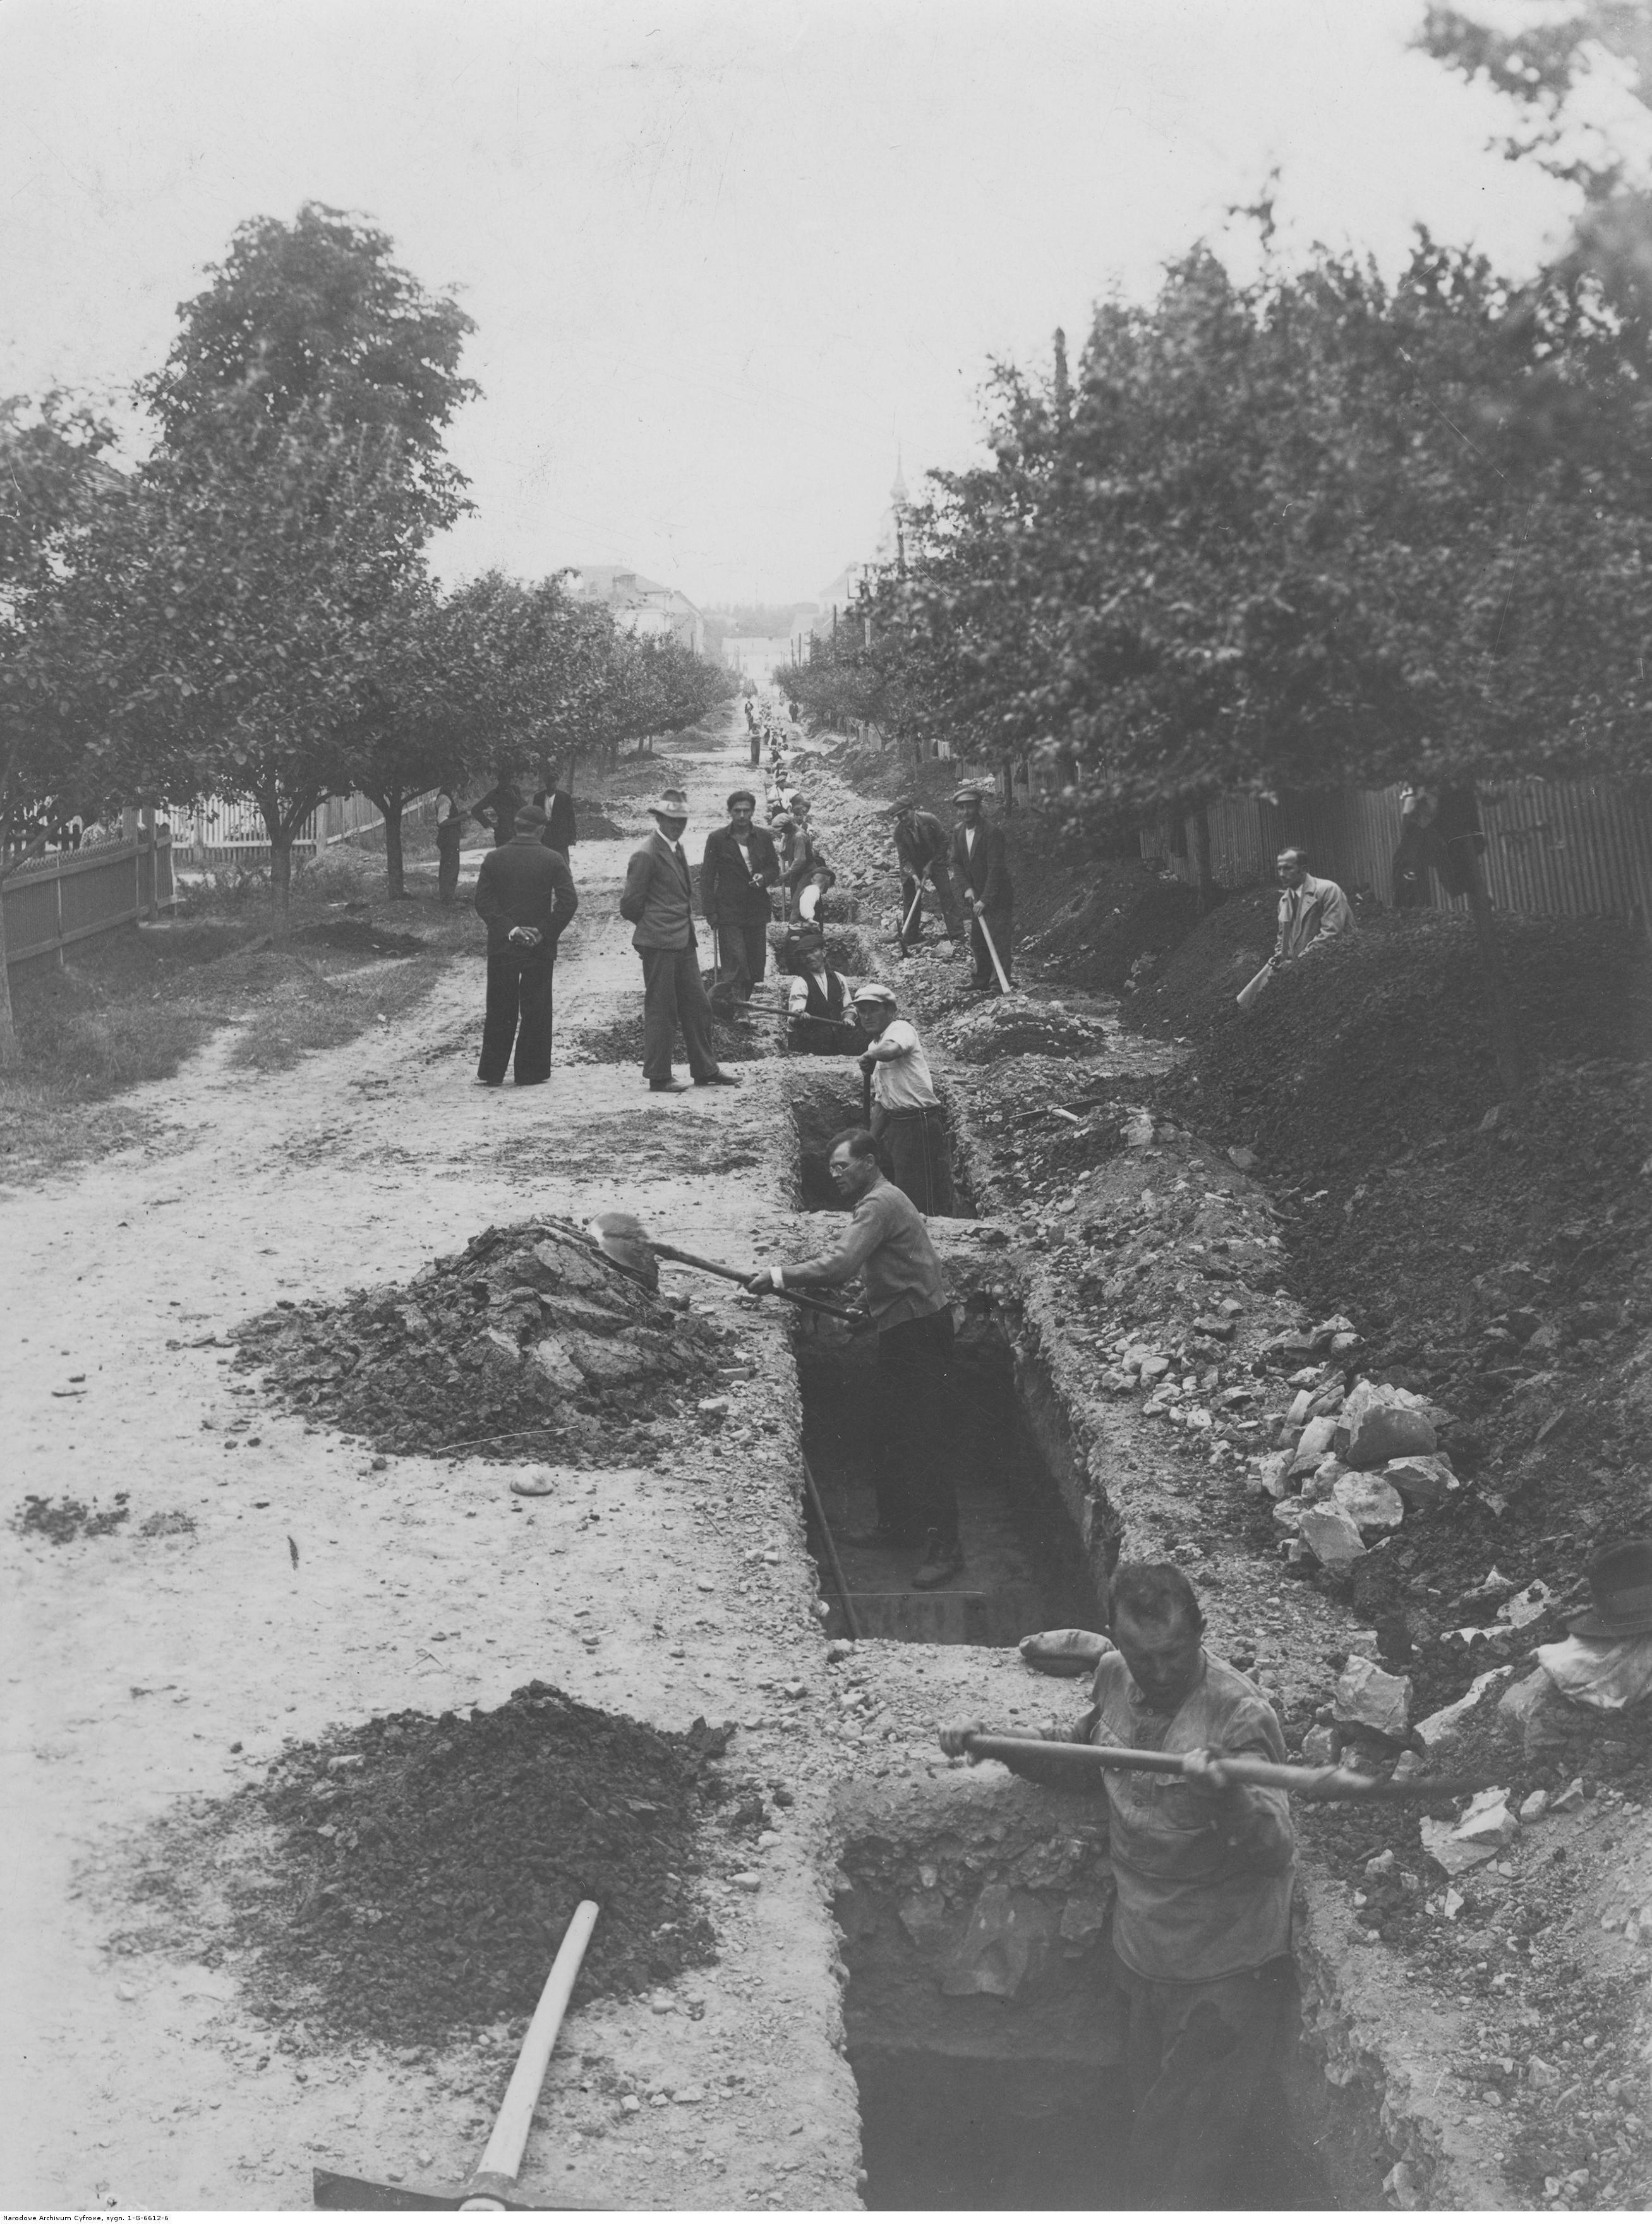 Budowa wodociągu w Rzeszowie. Układanie rur na ul. Hetmańskiej, rok 1933-09